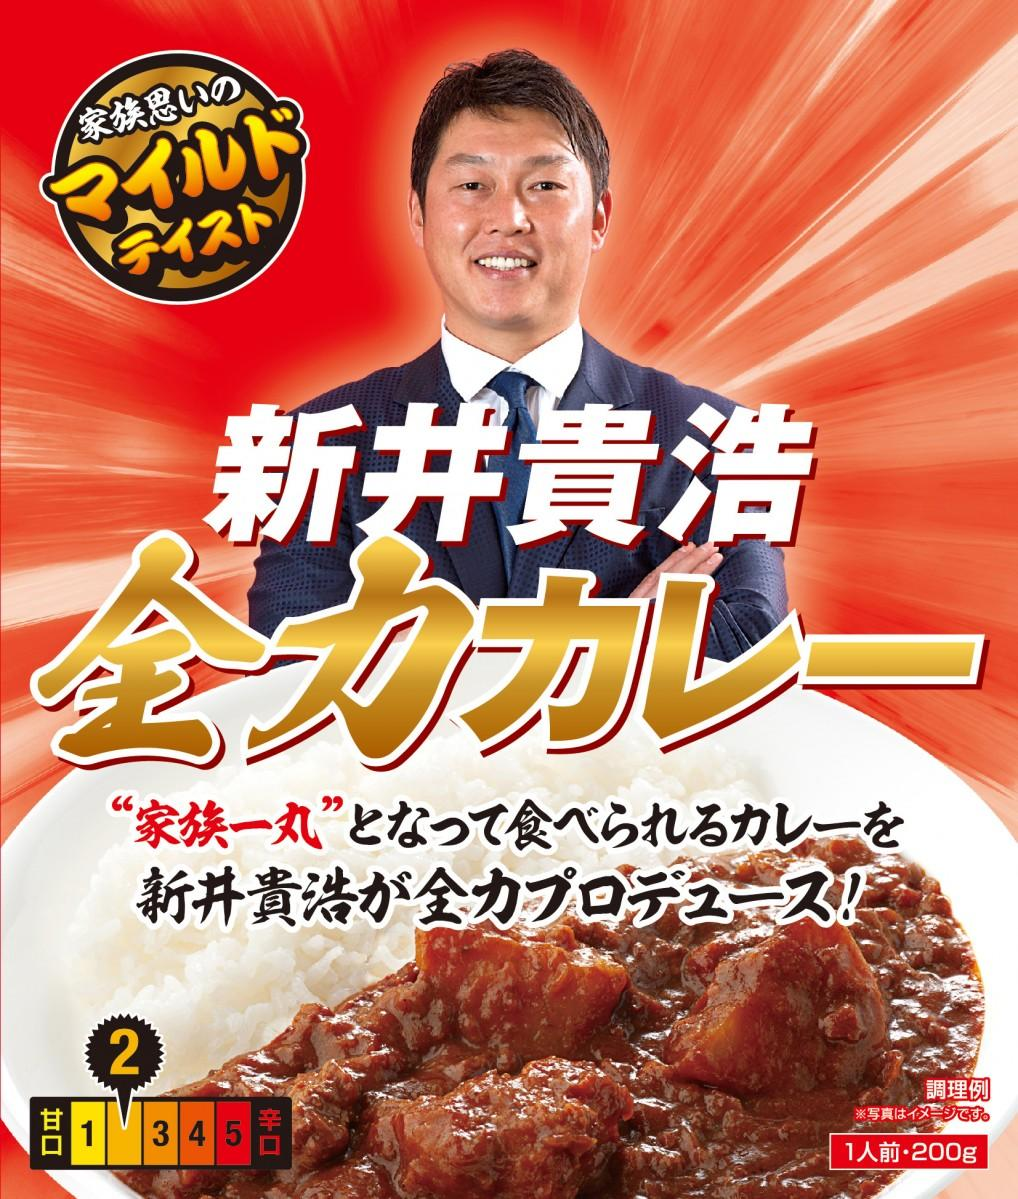 元プロ野球選手の新井貴浩さんがプロデュースしたレトルトカレーのパッケージ